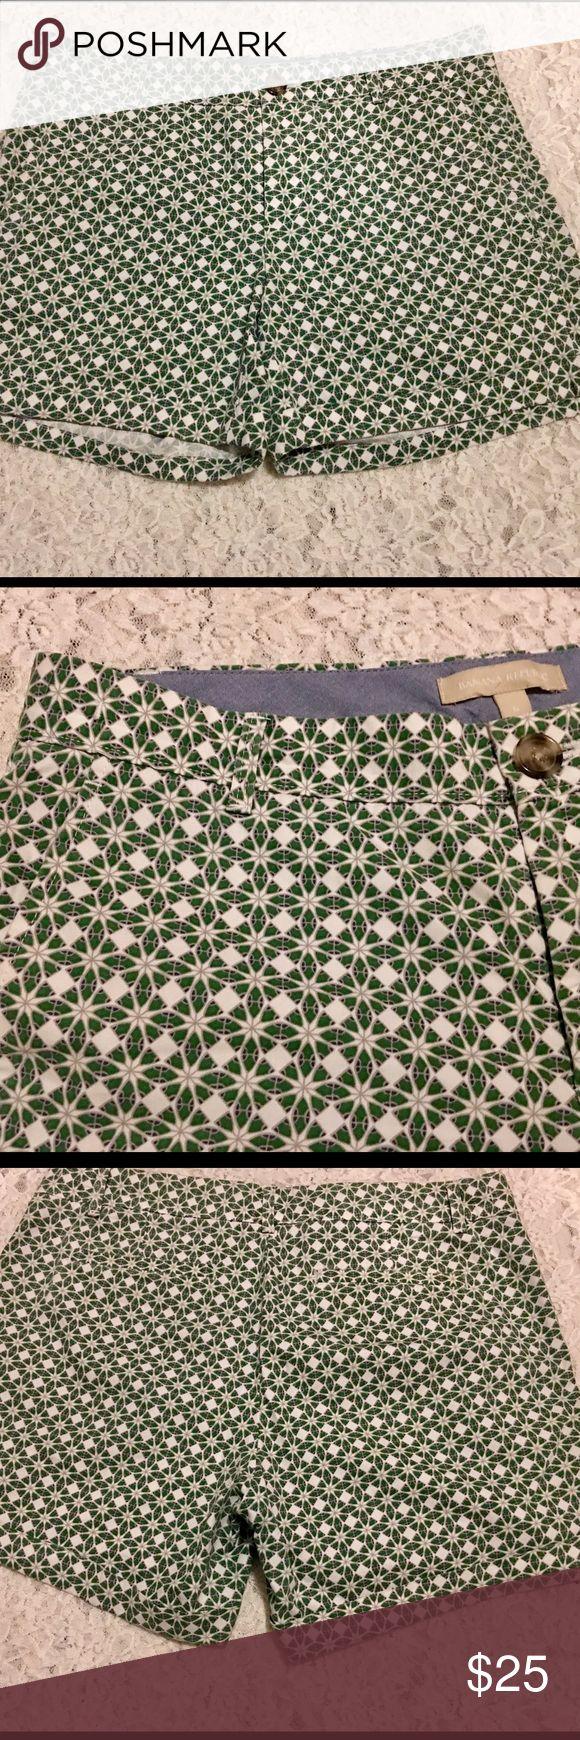 🍌Banana Republic Geometric Shorts Size 6🍌 Banana Republic Geometric Cuffed Shorts in a Size 6 New Without Tags. Great Pair of Shorts With No Defects. Banana Republic Shorts